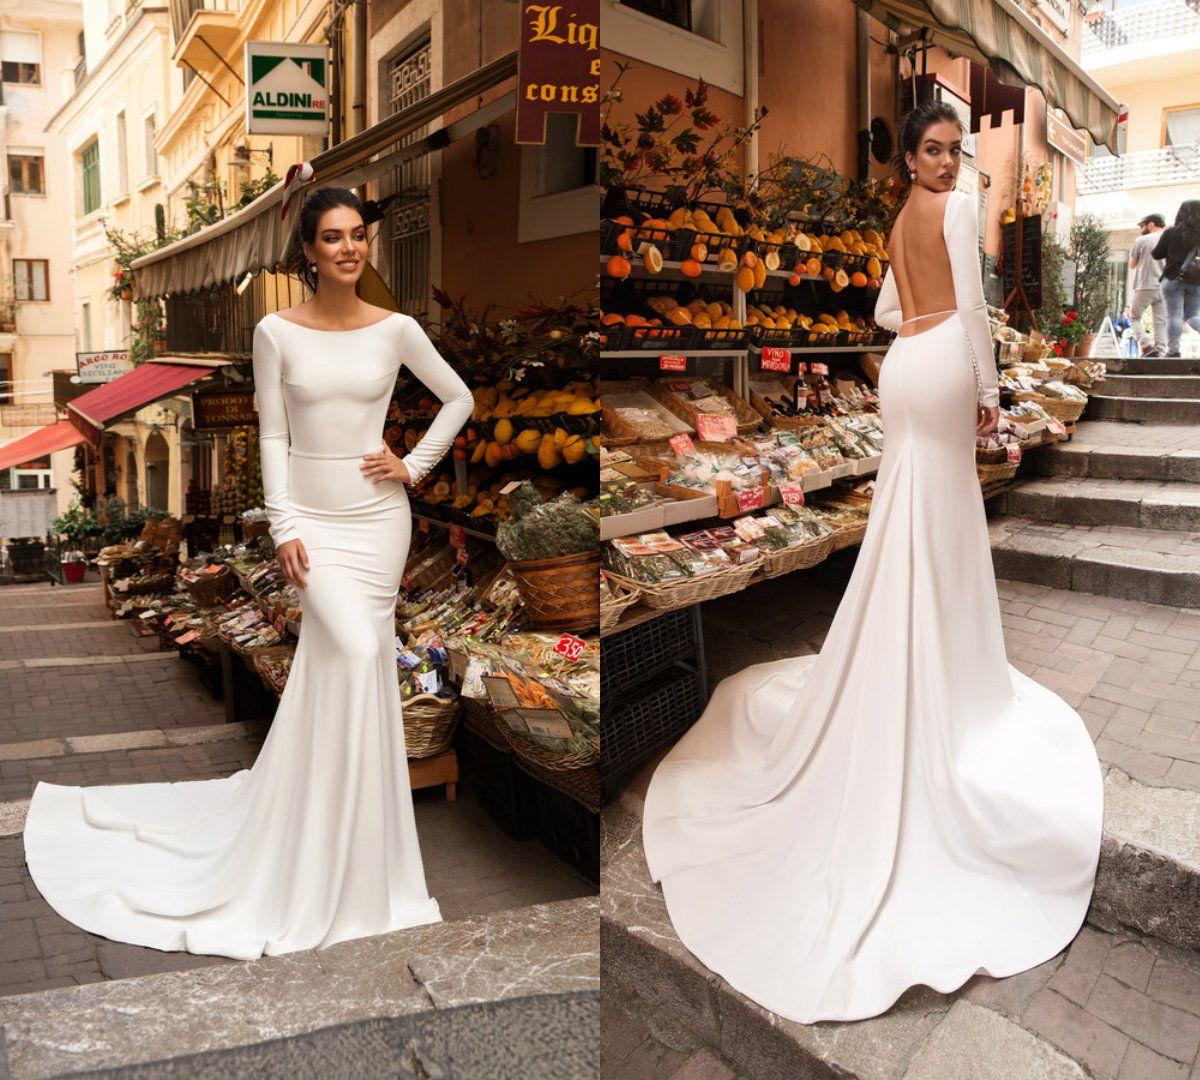 2018 Robes De Mariée Sirène Satin Dos Nu Bijou Cou Train Balayage élégant Pays Robes De Mariée à Manches Longues Plage Robe De Mariée Abiti Da Spo